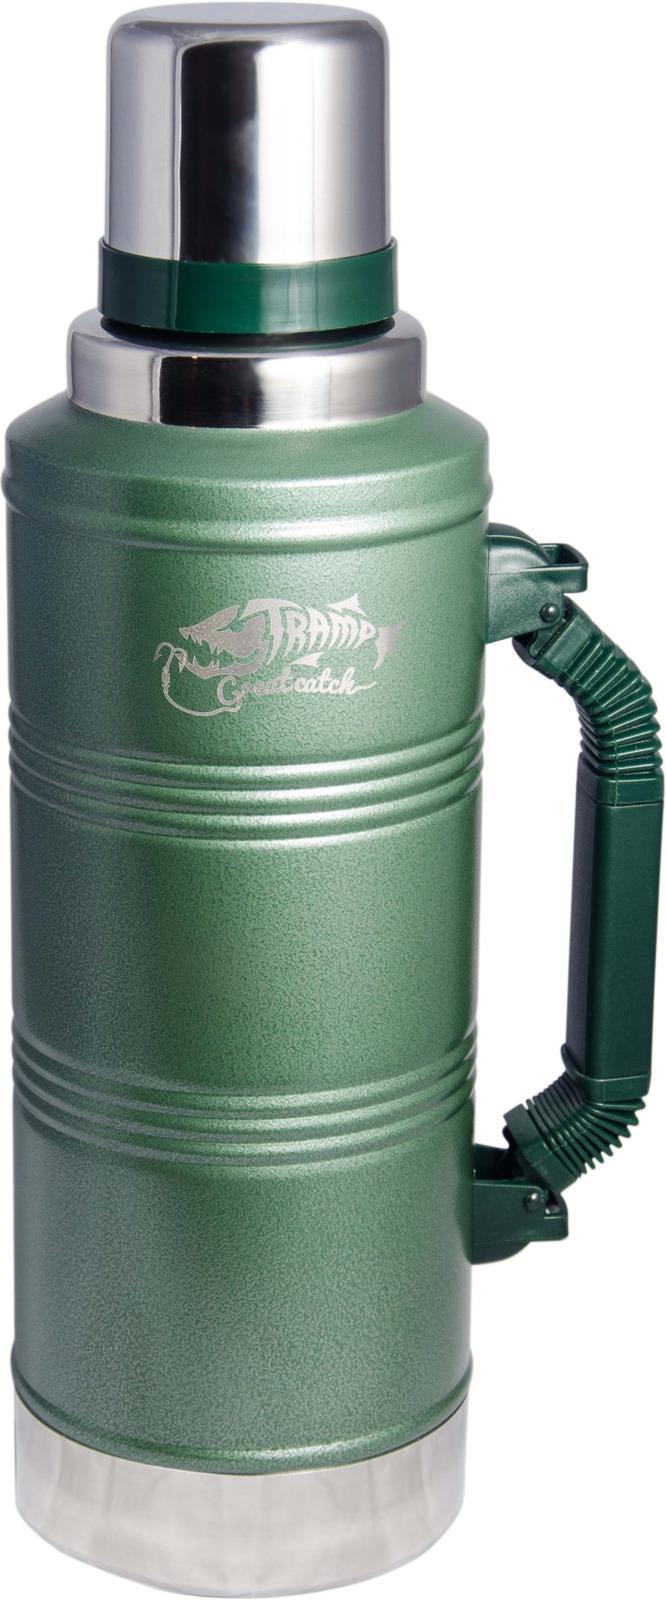 Термос Tramp GreenLine, цвет: зеленый, 2,2 л. TRC-097 термос tramp greenline цвет зеленый 2 2 л trc 097